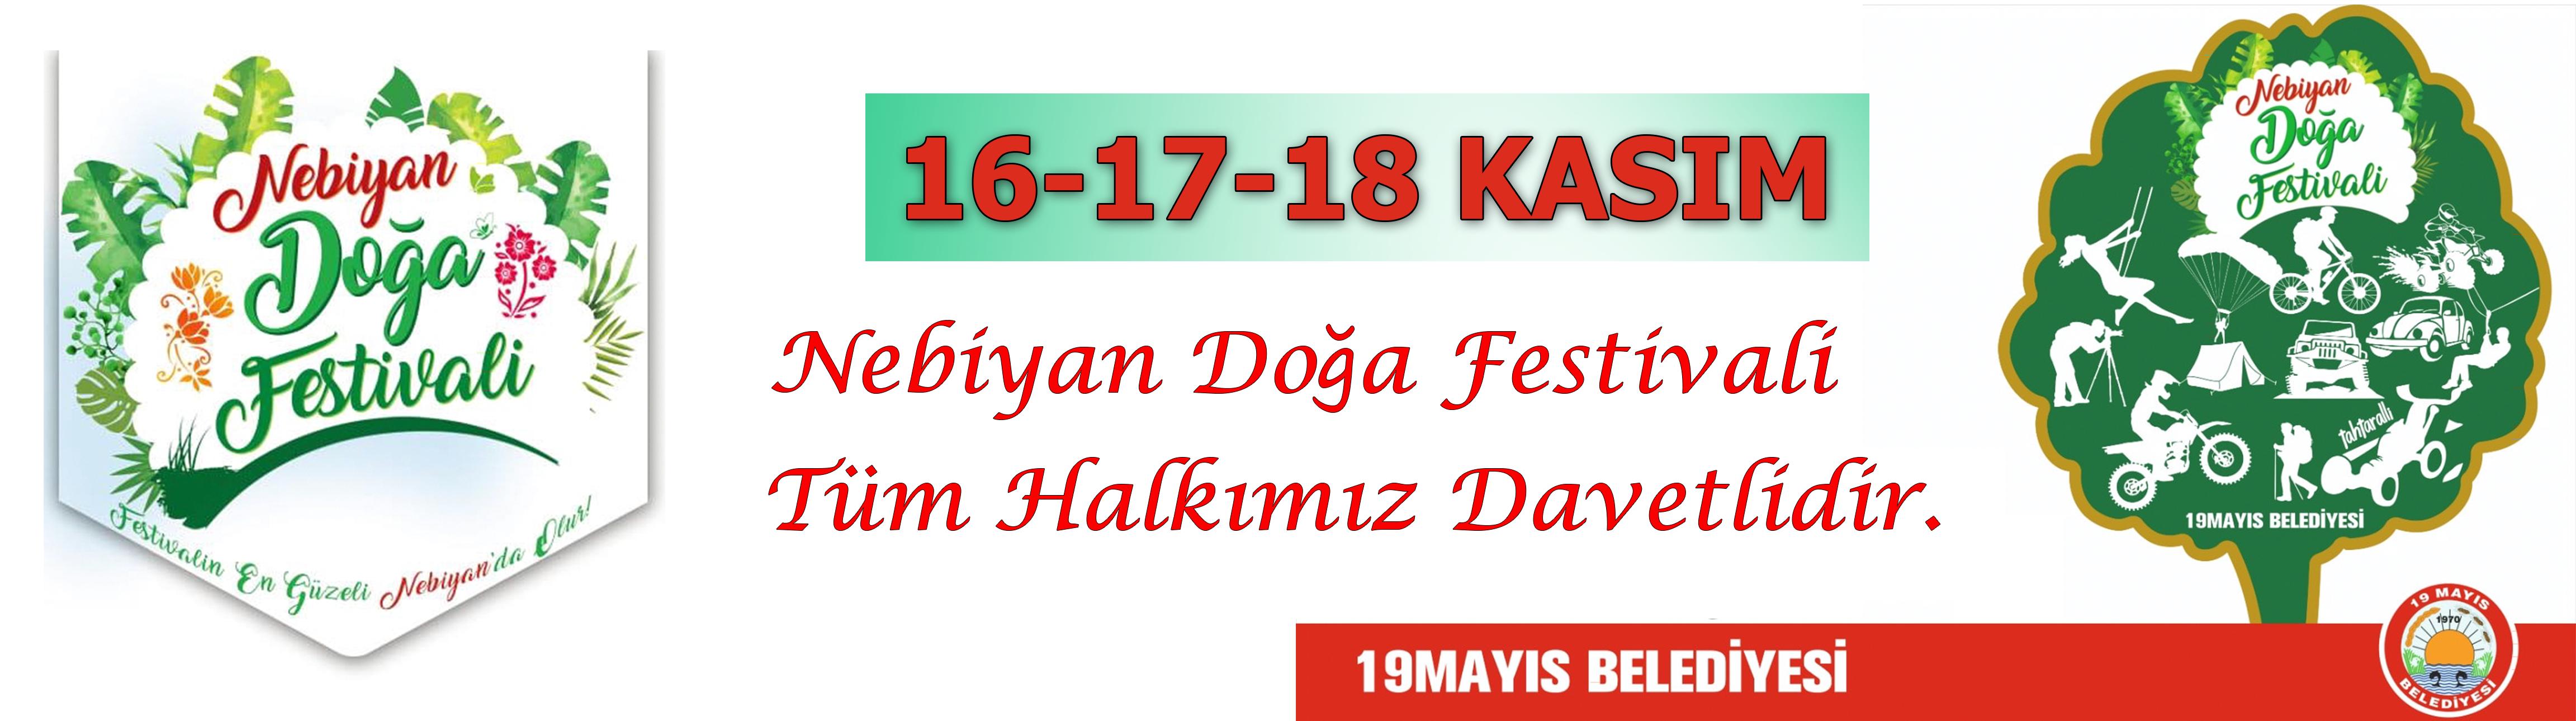 festival - festival